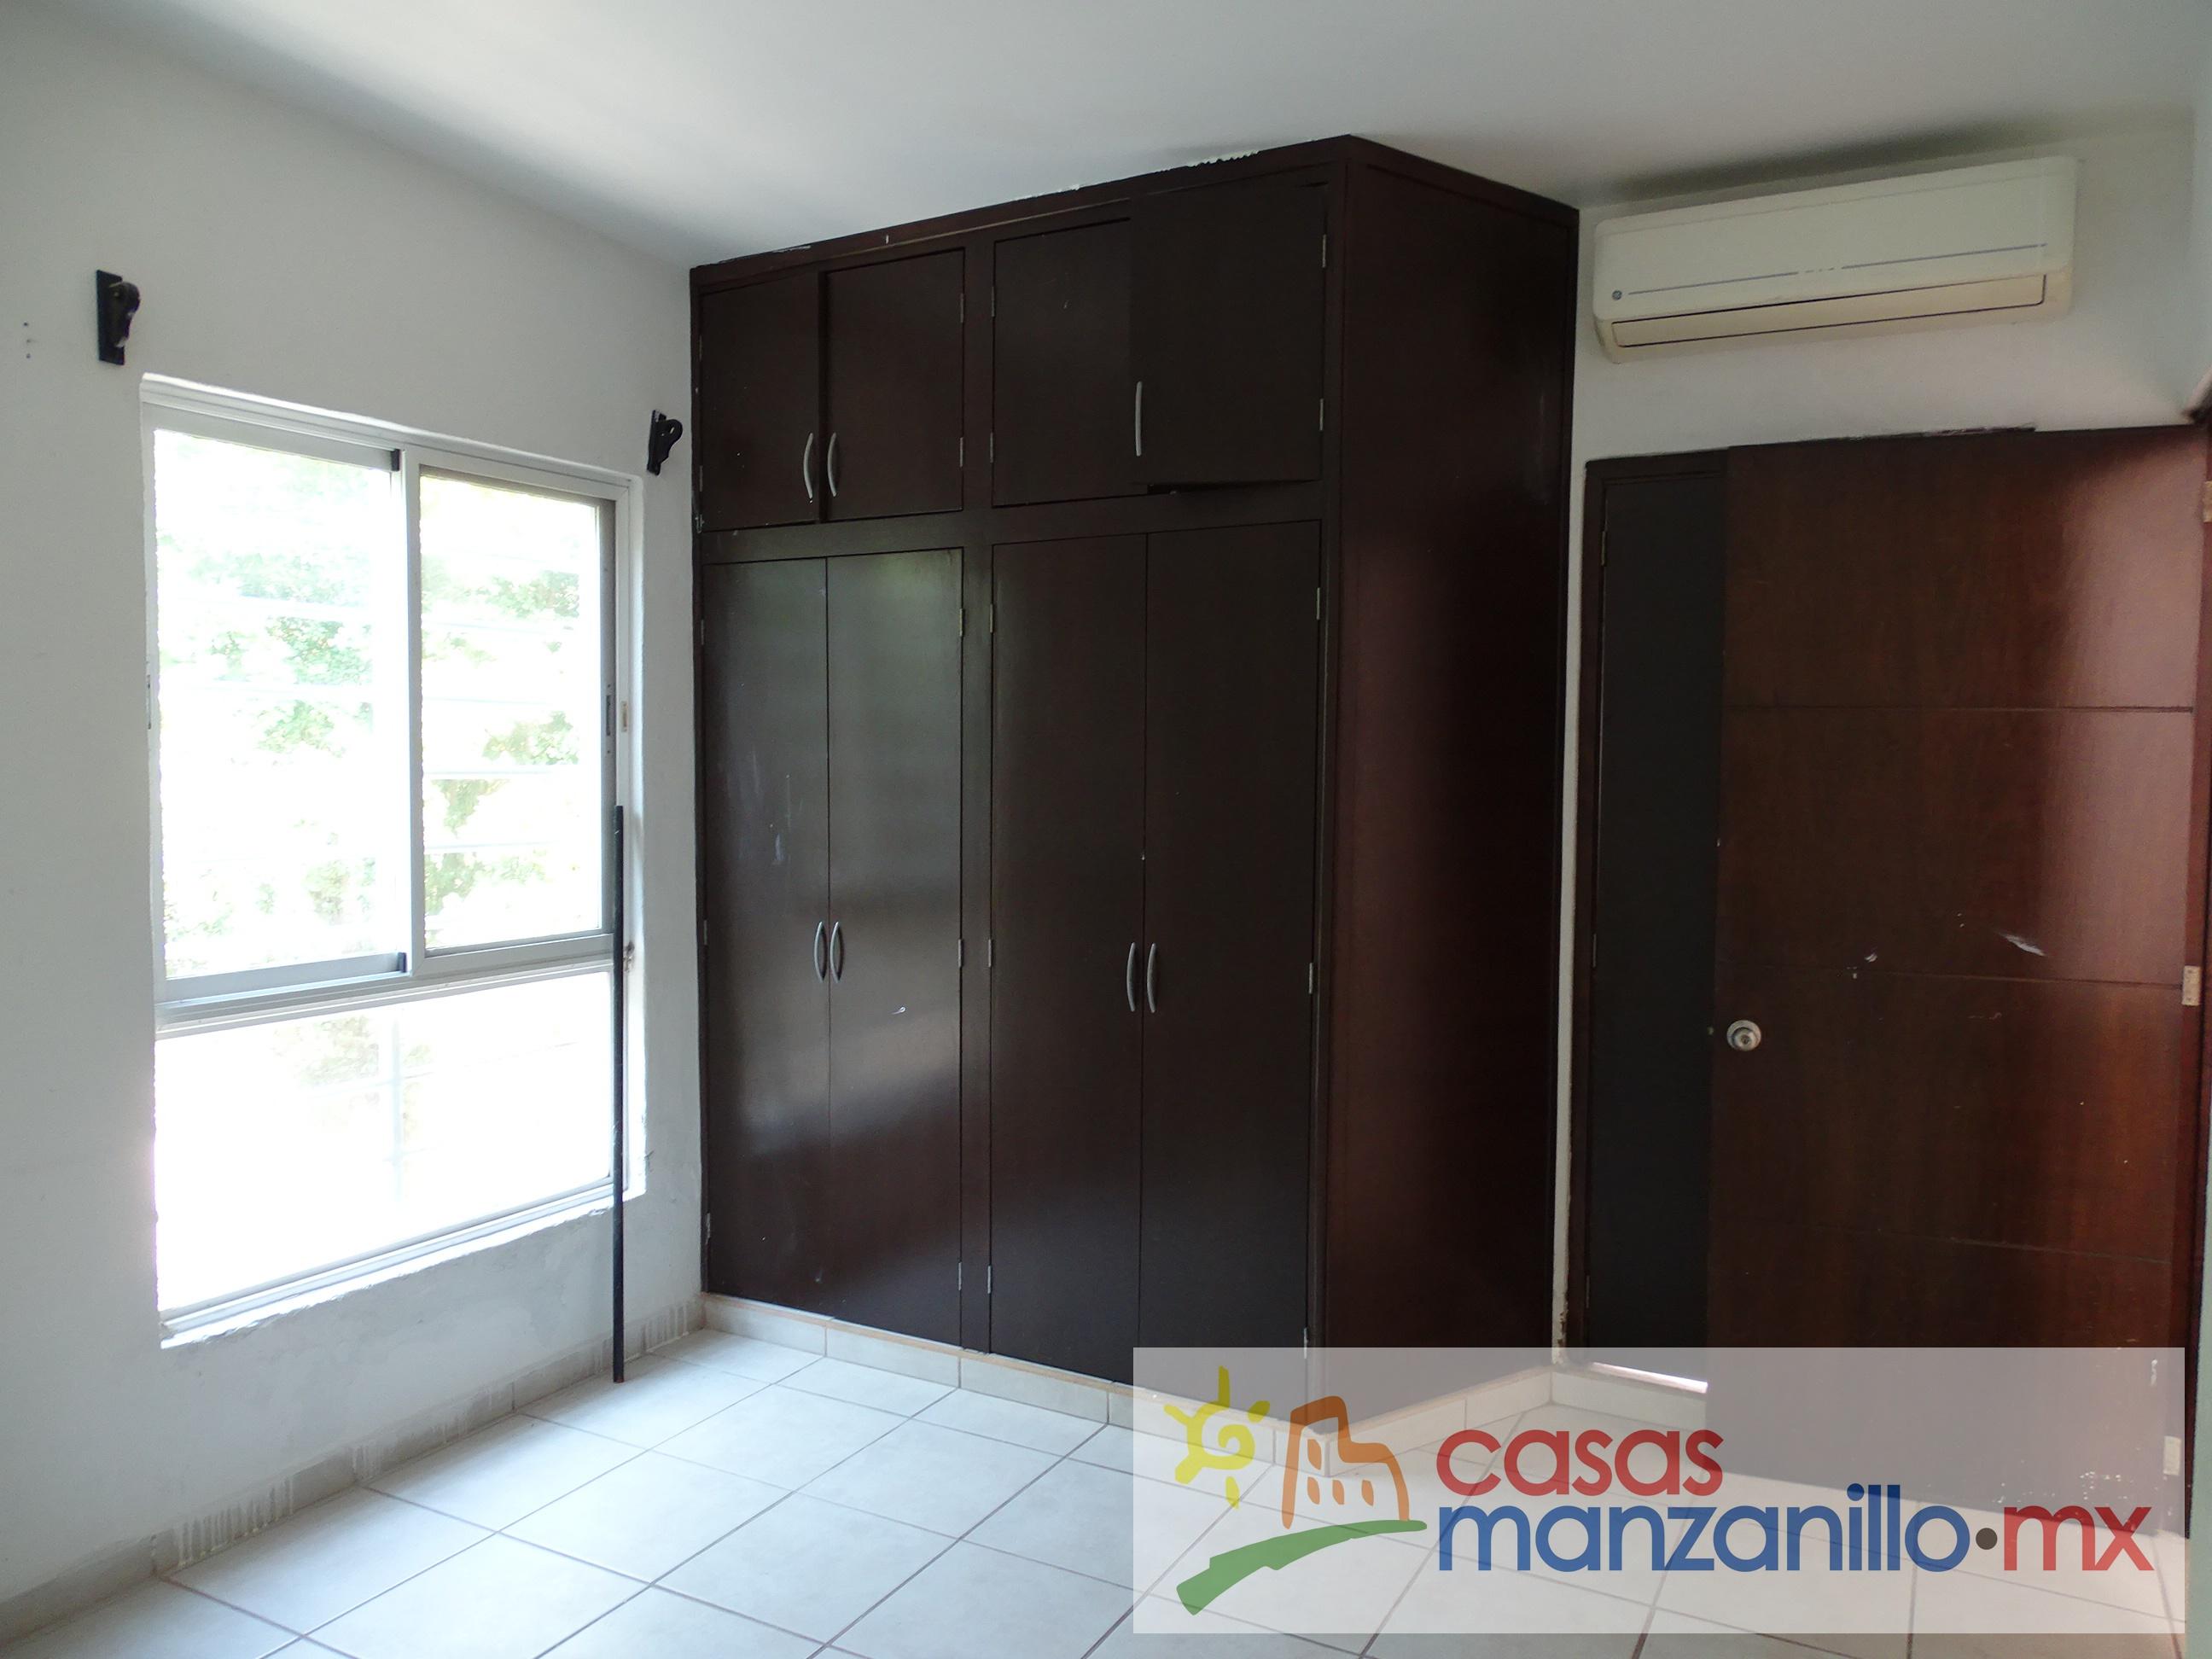 Casas RENTA Manzanillo - Almendros (18).